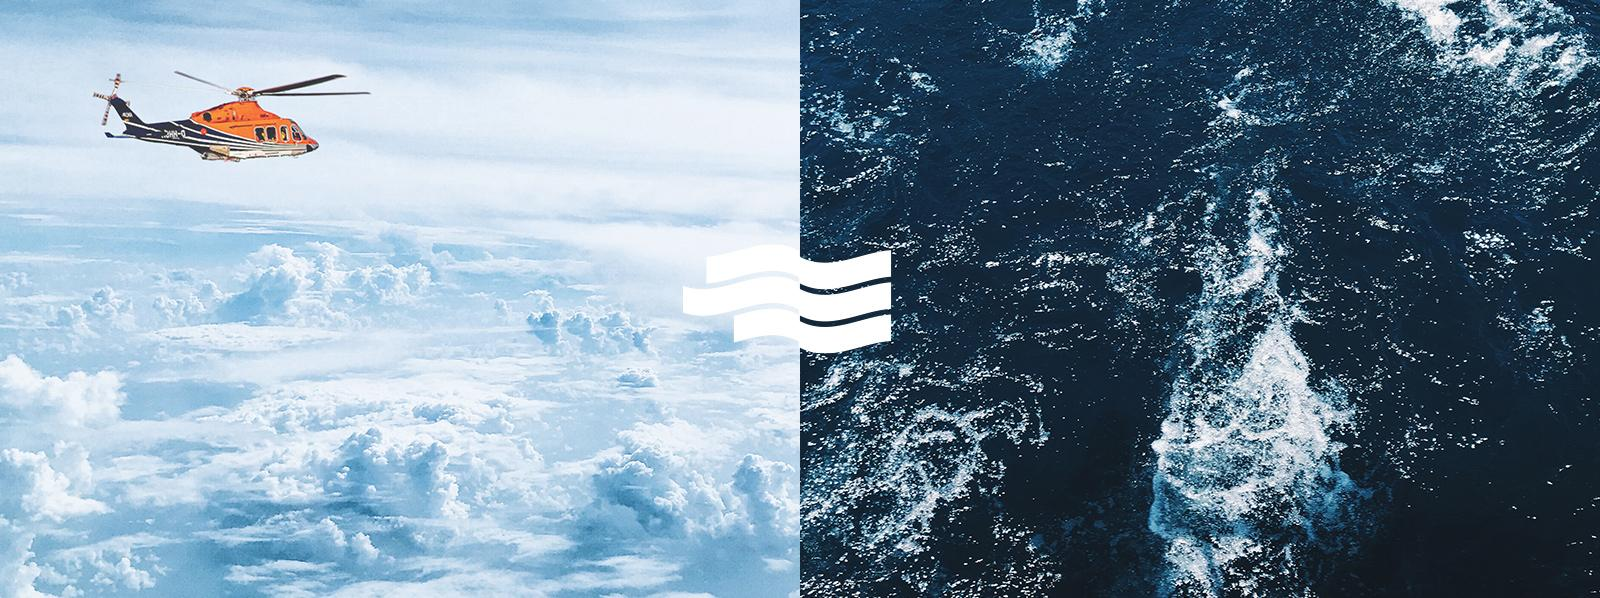 Logoherleitung, Wolken als Darstellung des Windes und Wellen für Wasser